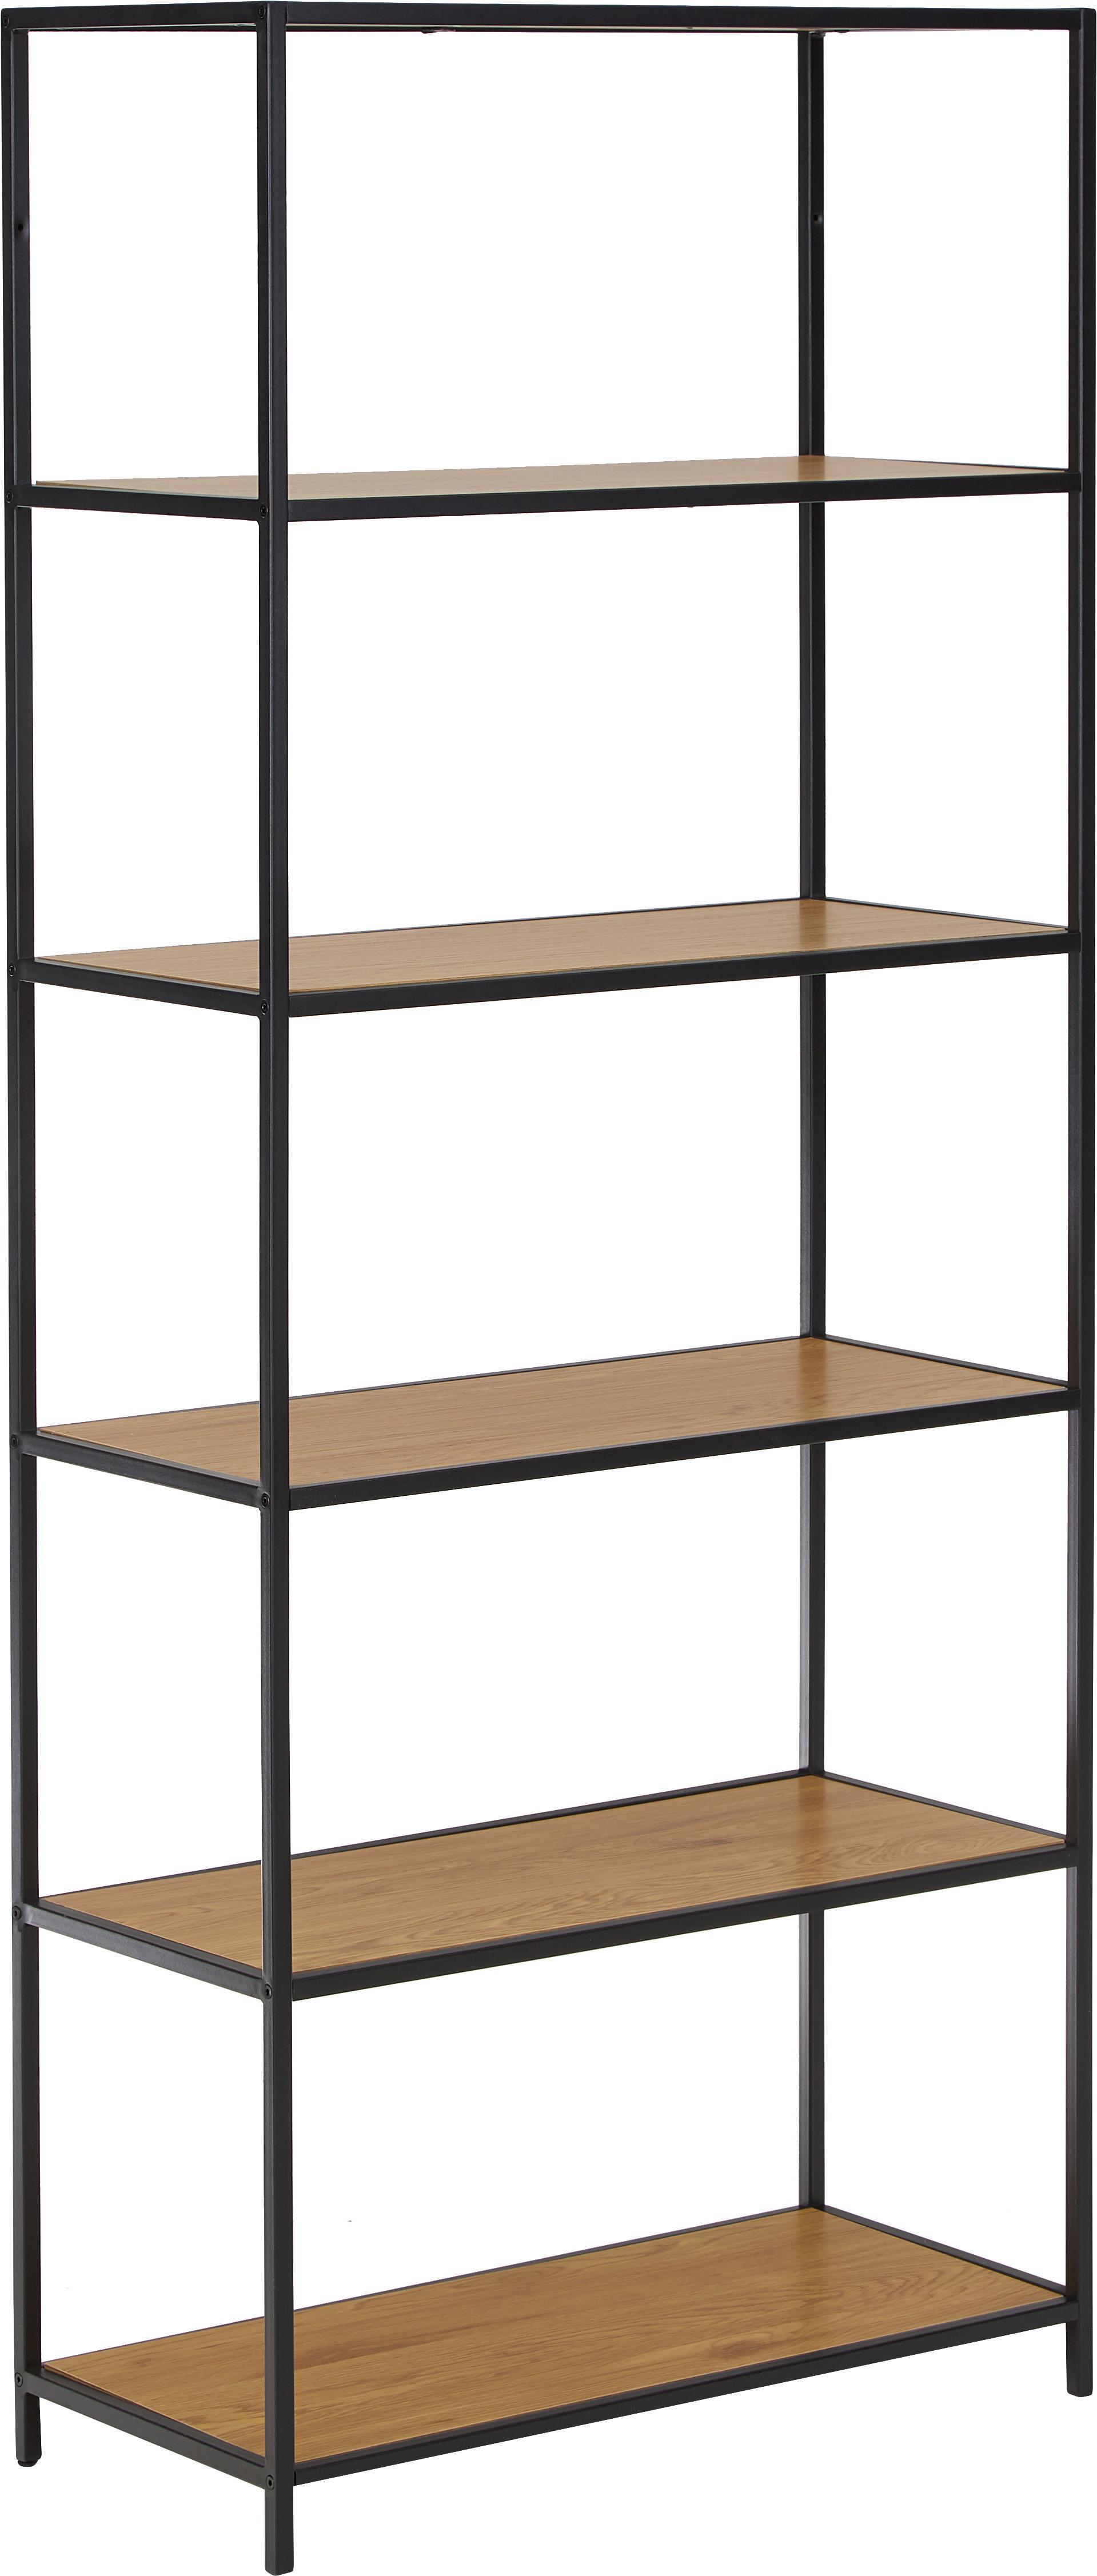 Libreria in legno e metallo Seaford, Ripiani: pannello di fibra a media, Struttura: metallo verniciato a polv, Ripiani: quercia selvatica Struttura: nero, Larg. 77 x Alt. 185 cm